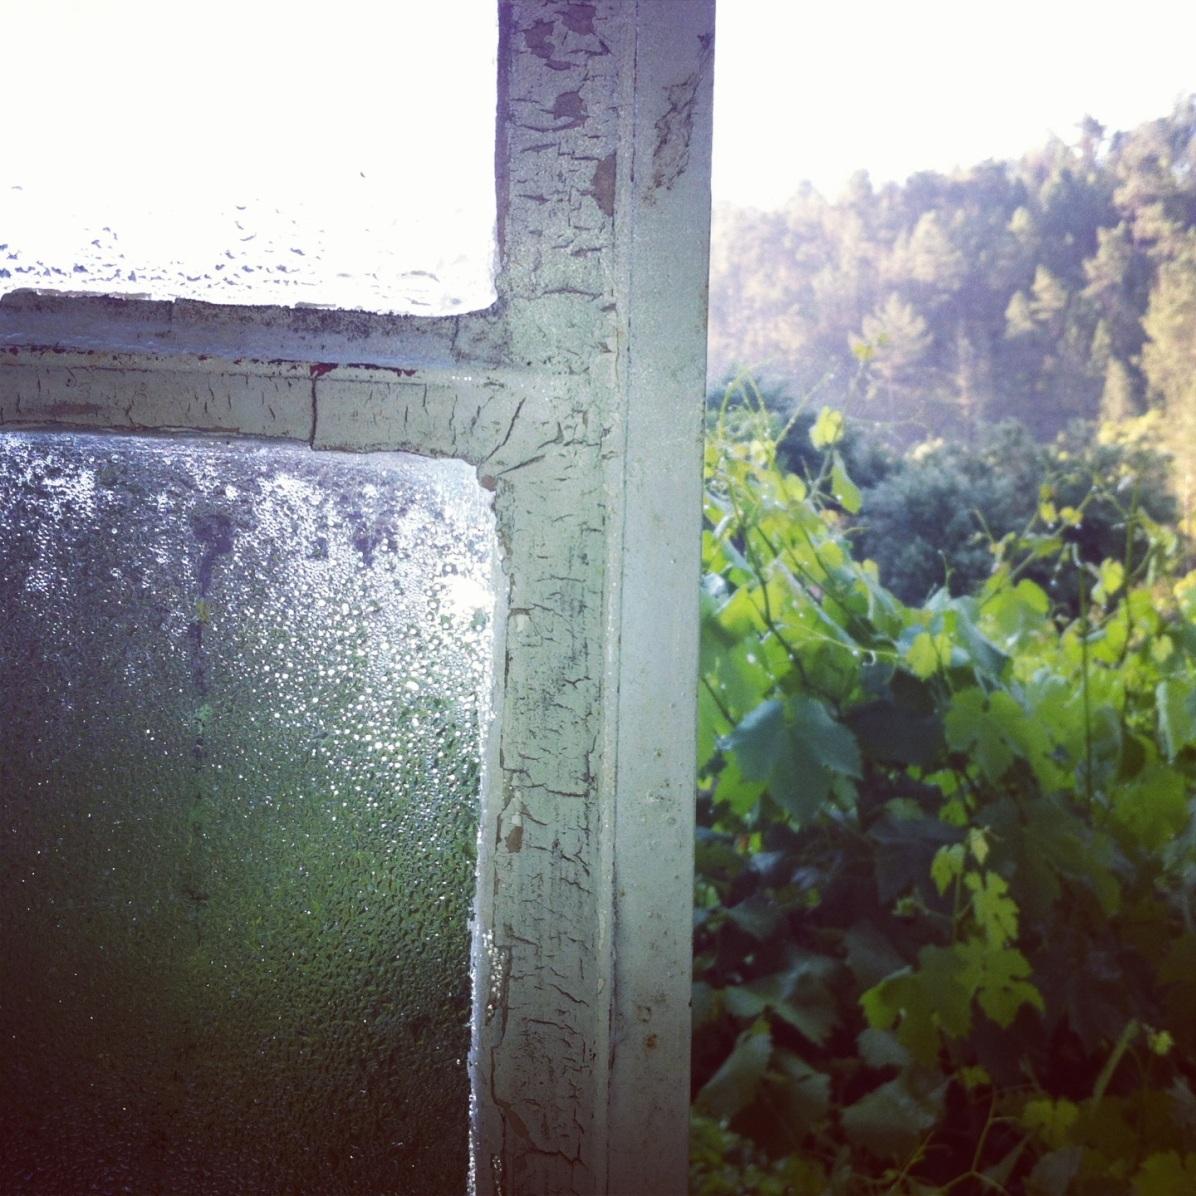 window views onto vineyards